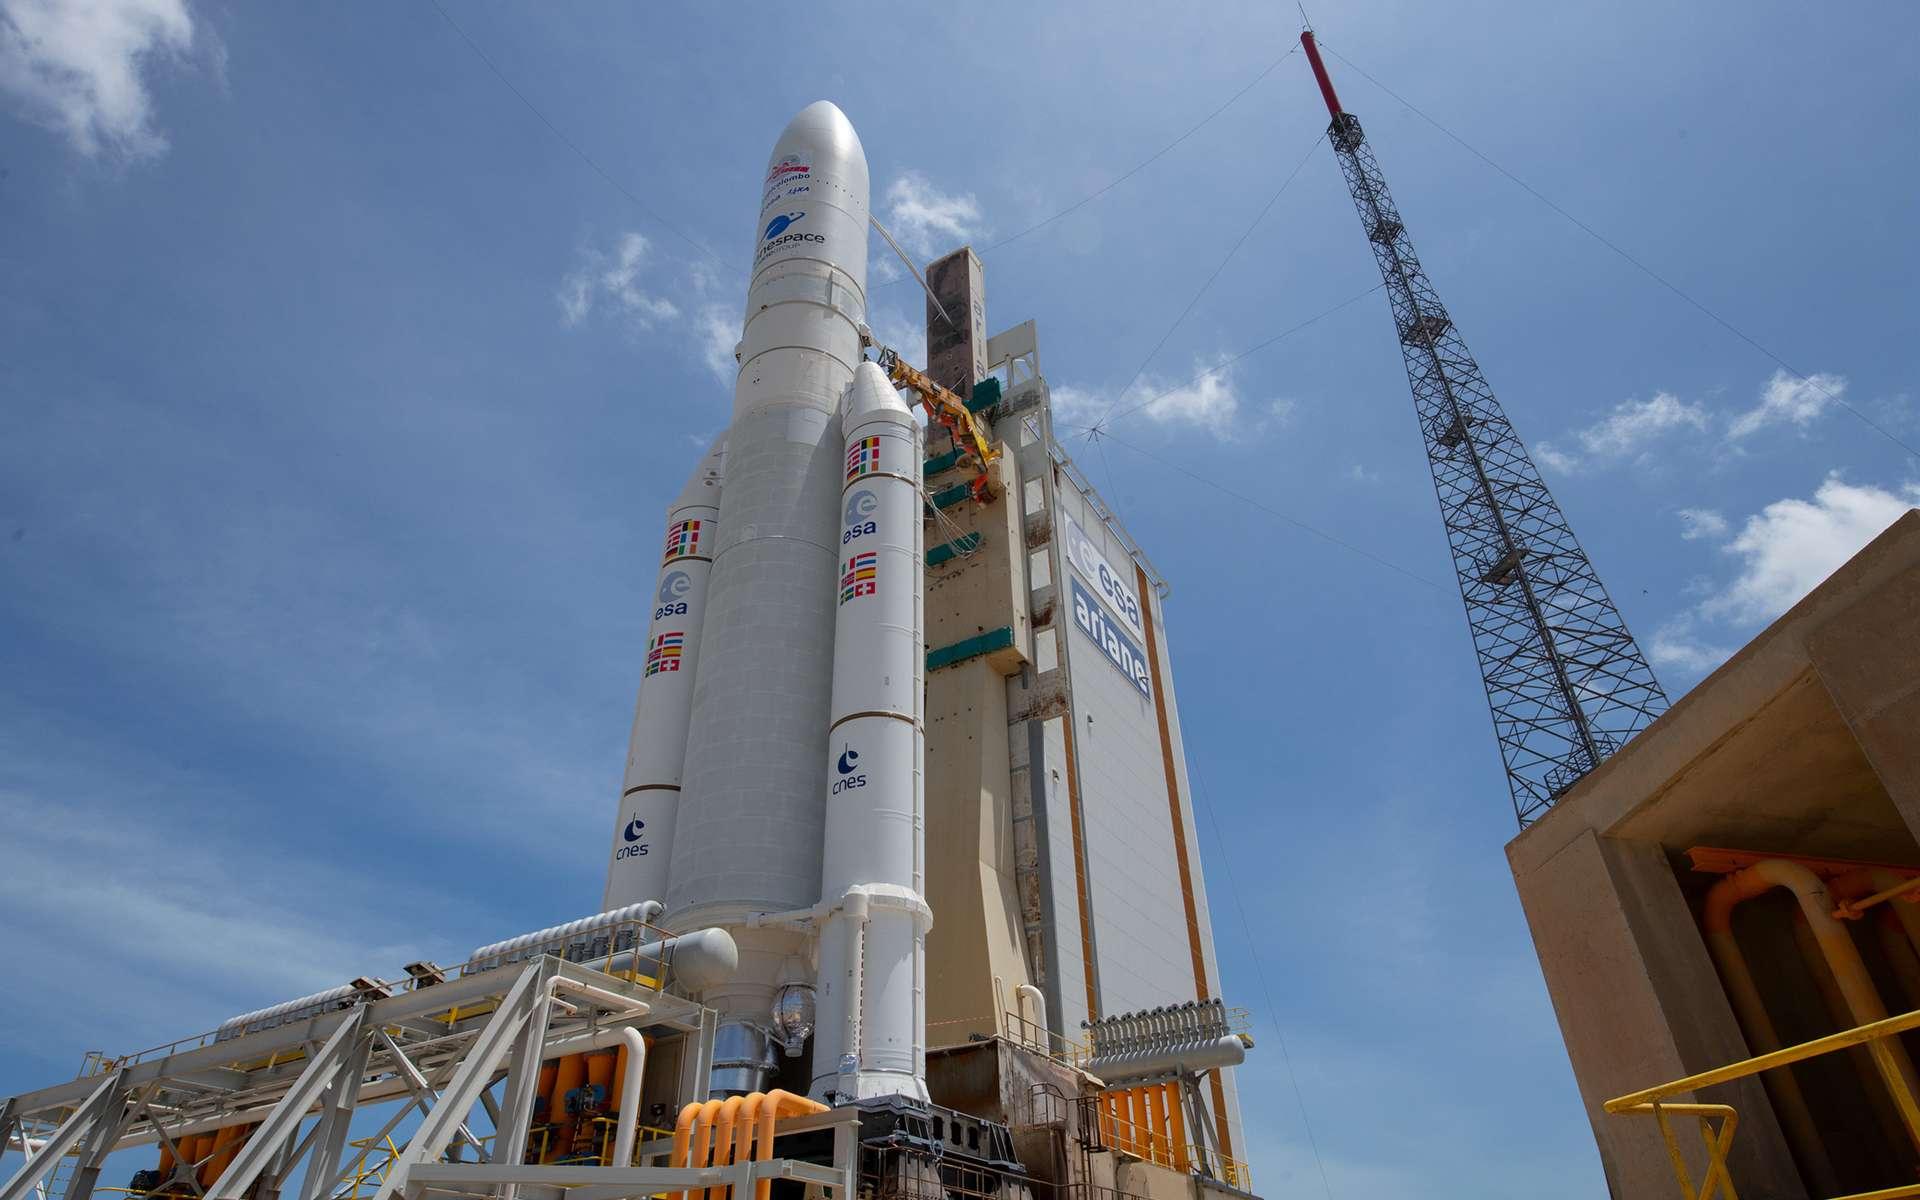 Calendrier Lancement Ariane 2019.Ariane 5 Suivez Ce Soir Son Premier Lancement De L Annee